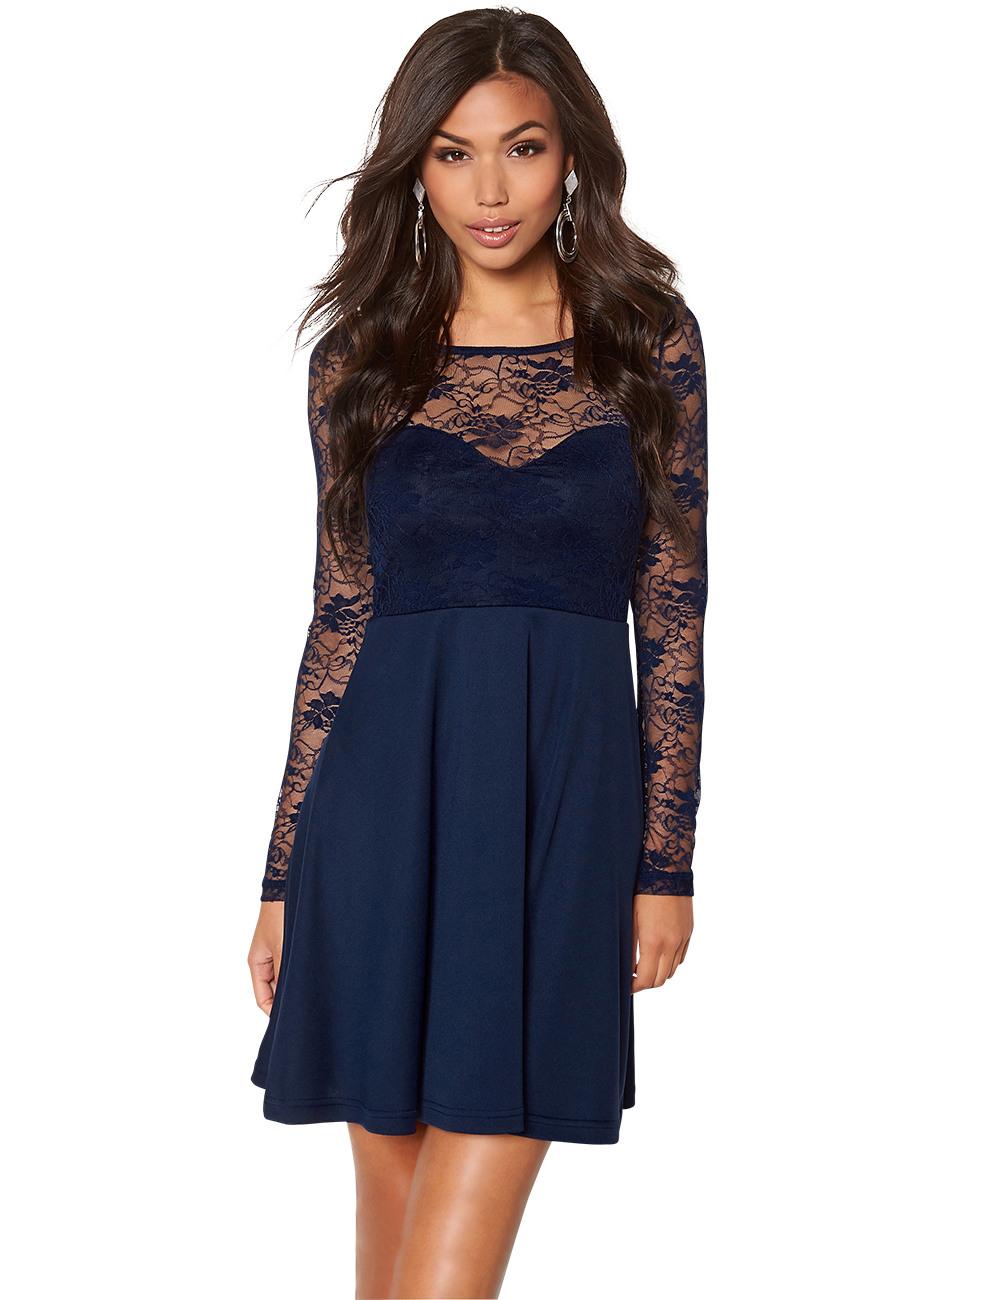 Genial Kleid Mit Spitze Vertrieb13 Fantastisch Kleid Mit Spitze Vertrieb